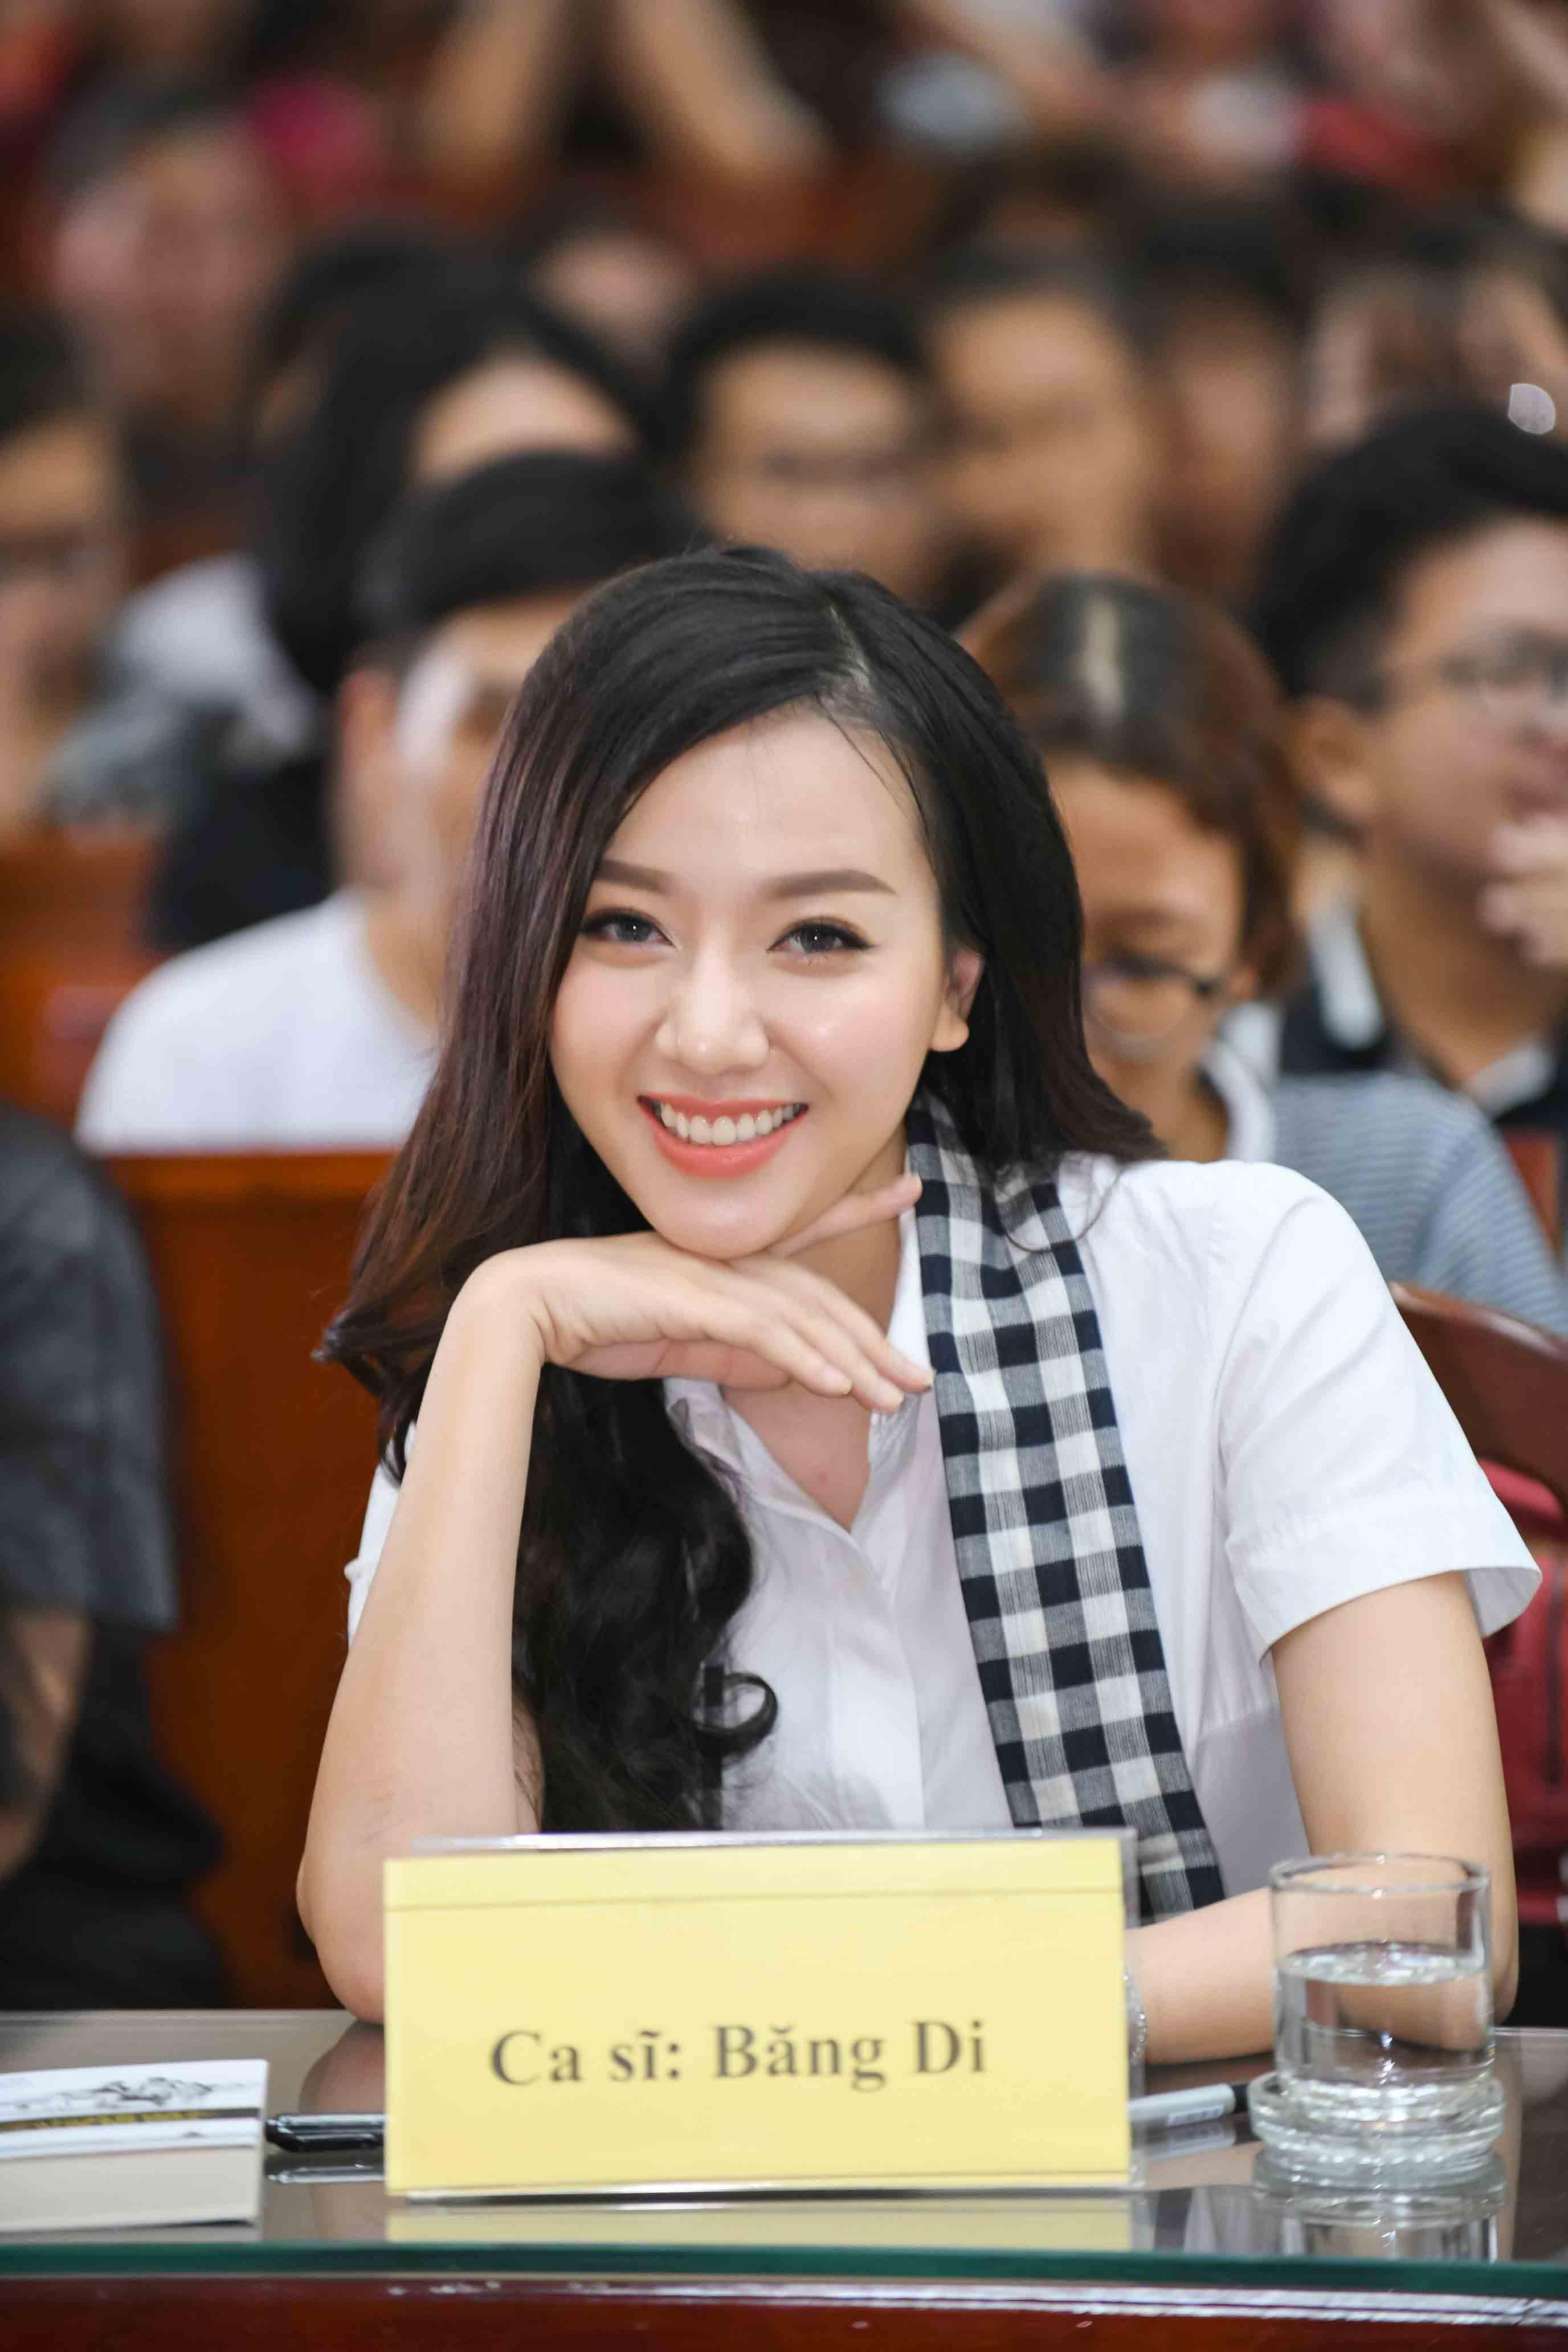 Hiếm hoi tụ họp, hội bạn thân của Hà Tăng hút sóng mạng bởi diện mạo trẻ đẹp bất chấp - 18